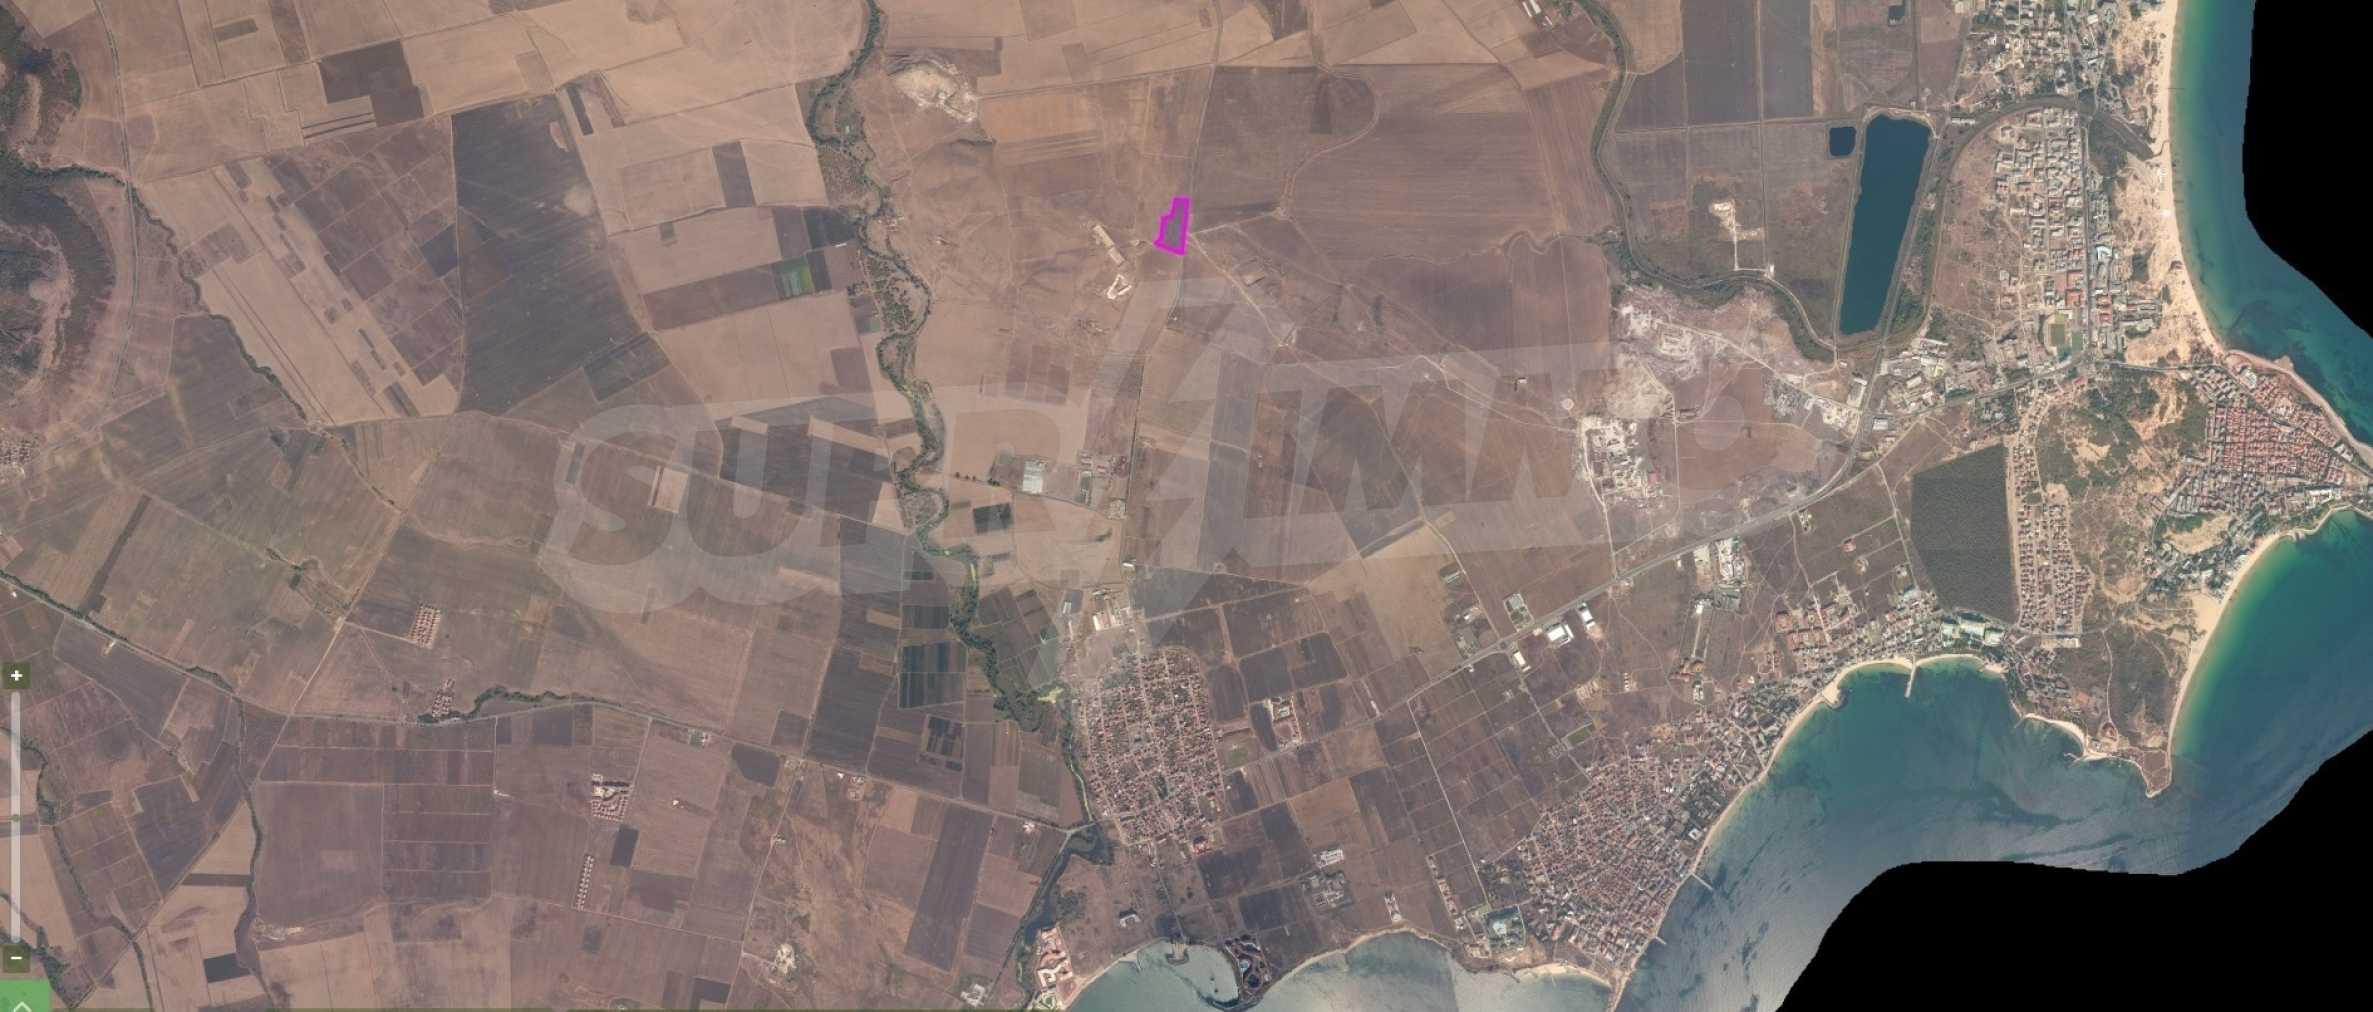 Attraktives Grundstück für Investieren in der Nähe des historischen Komplexes Aheloy 917 und Sonnenstrand, bei Tankowo und Aheloy 3